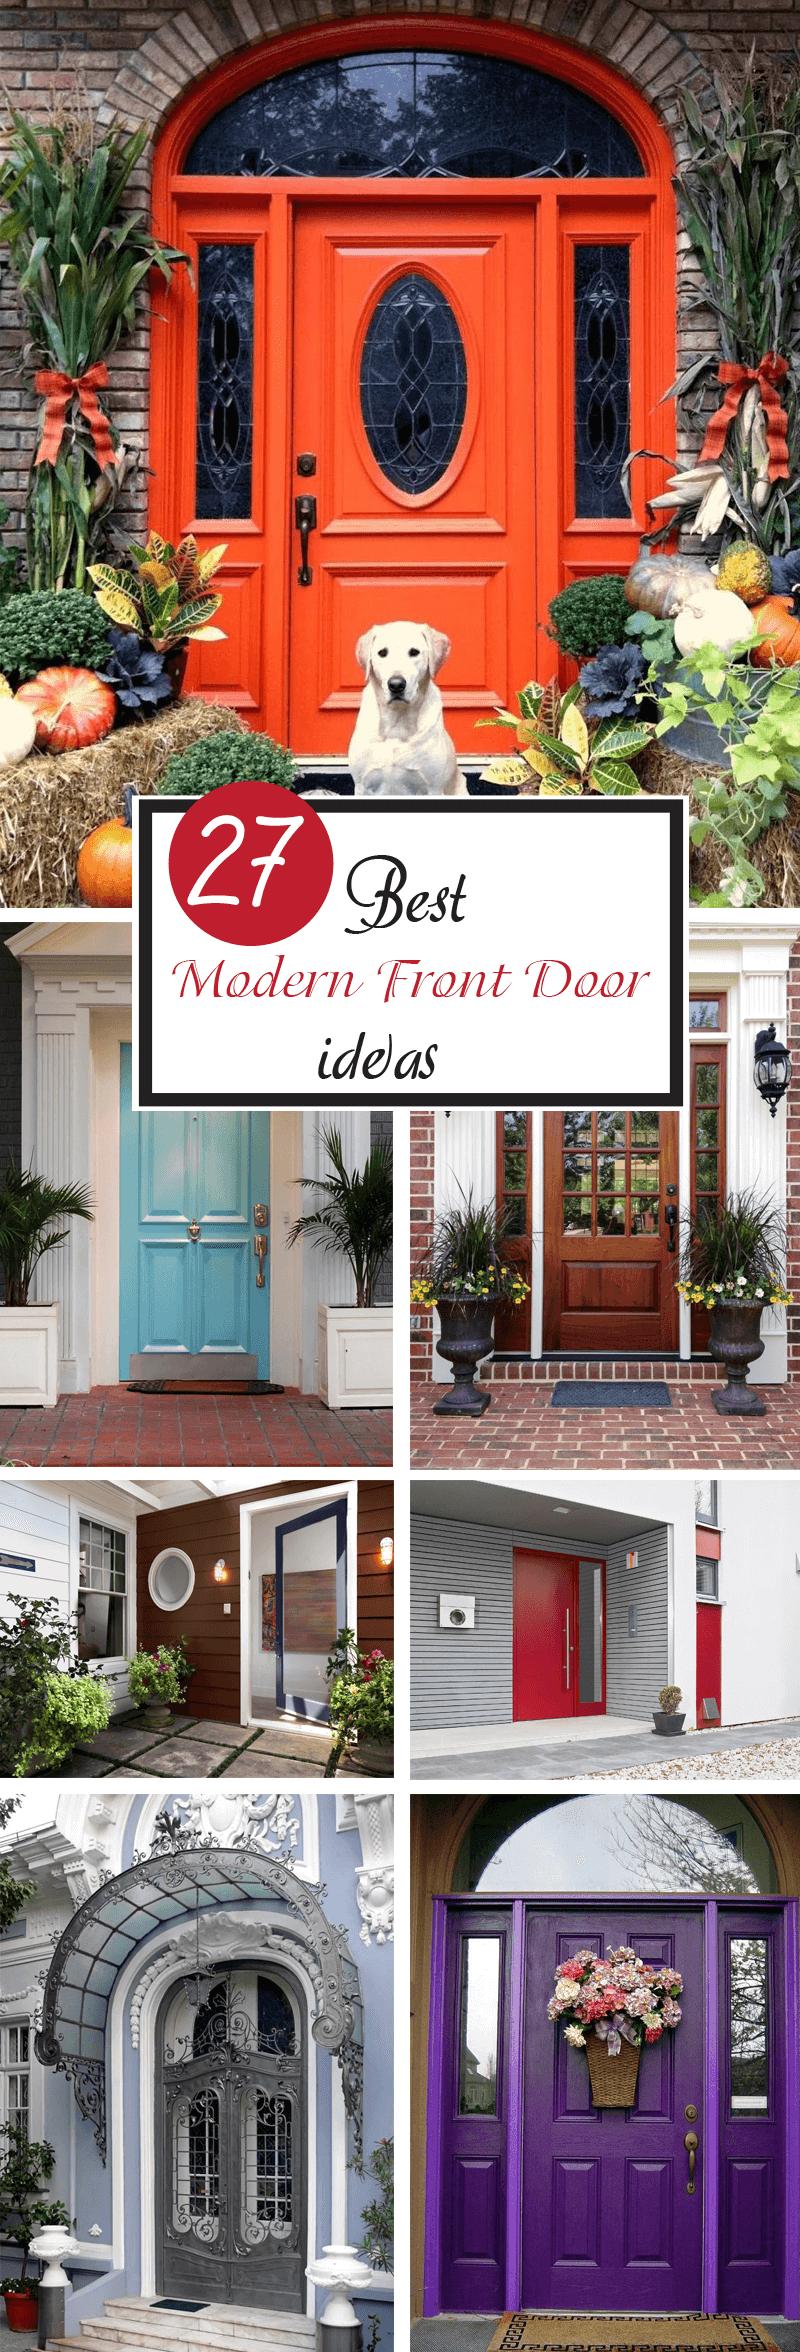 best modern front door ideas